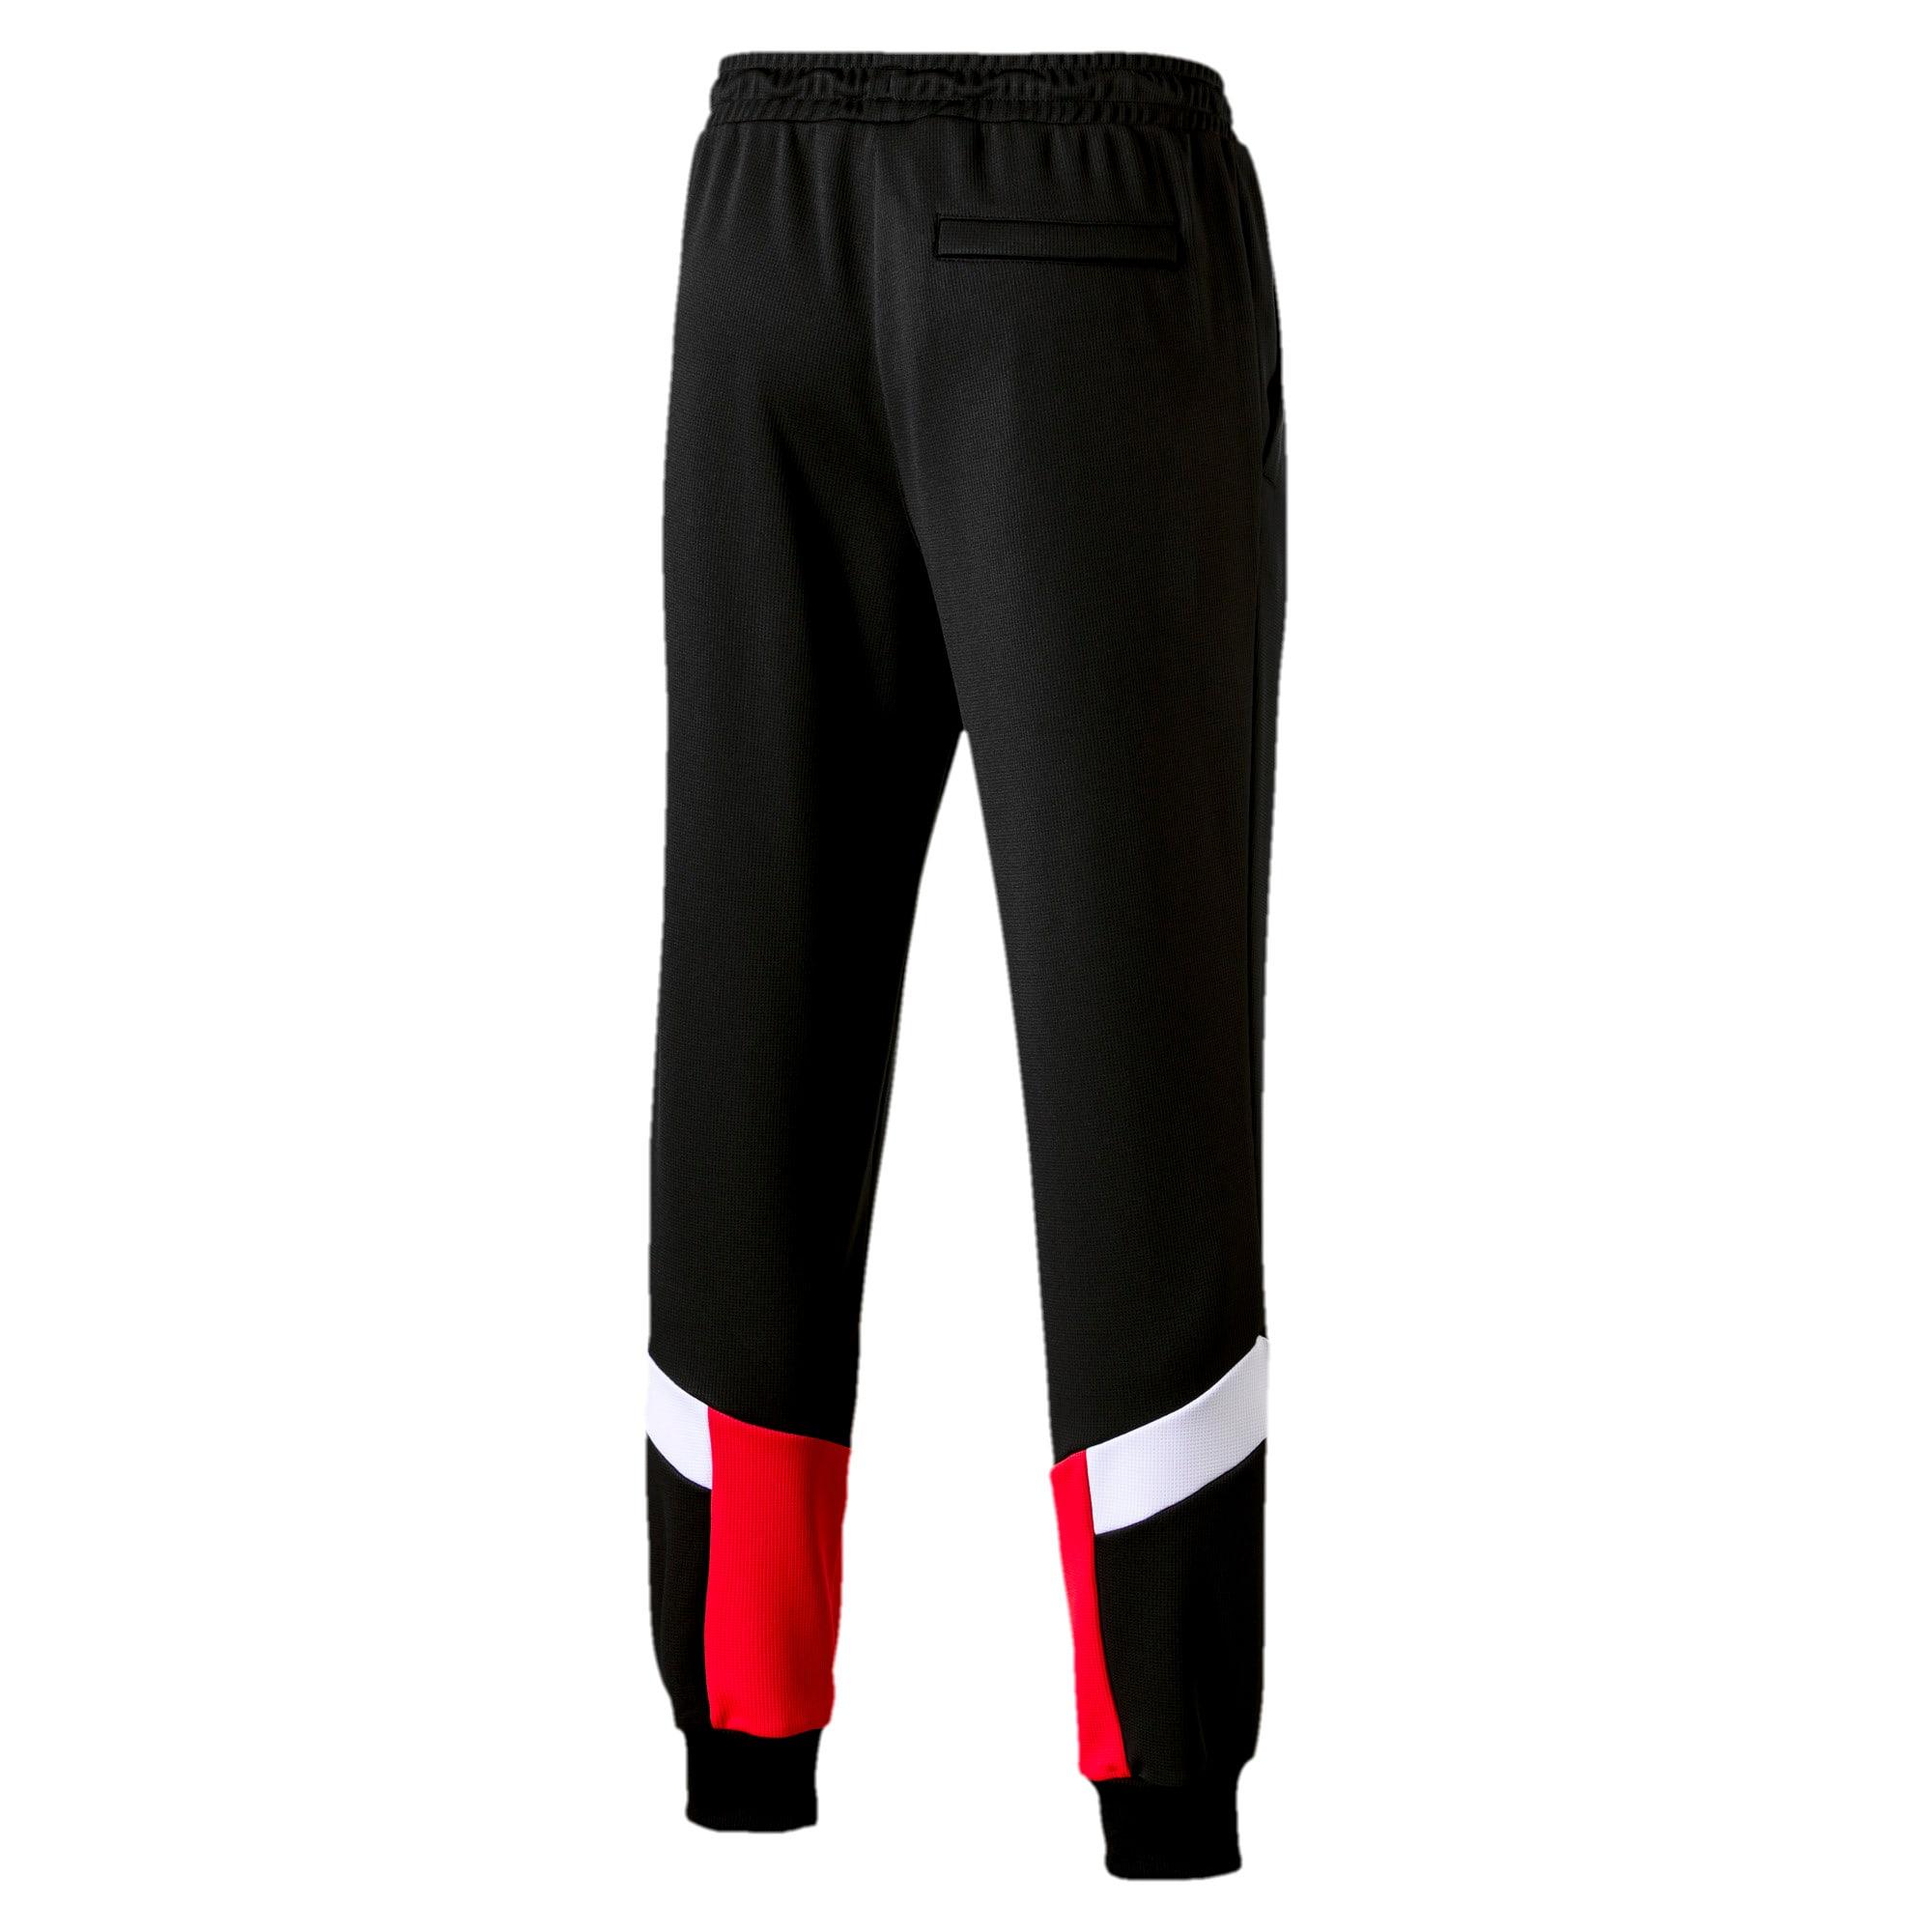 Thumbnail 3 of Iconic MCS Men's Mesh Track Pants, Puma Black, medium